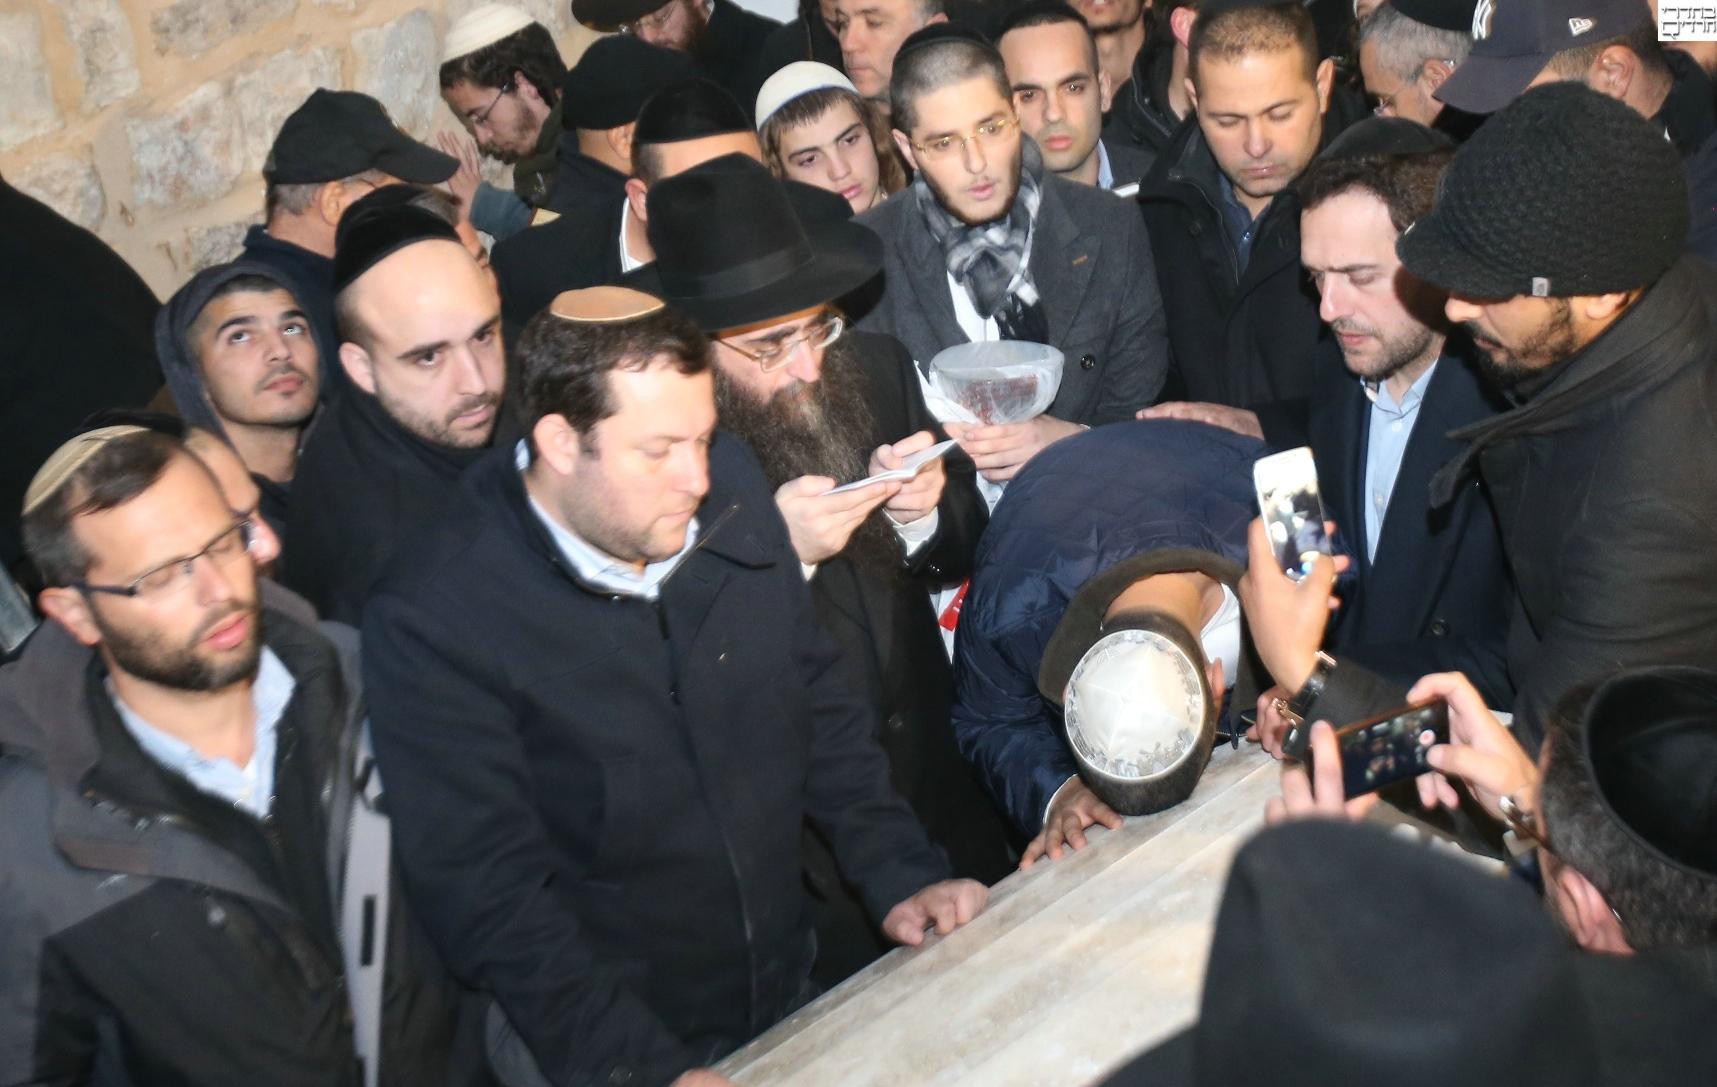 הרב פינטו עלה הלילה לקבר יוסף בשכם